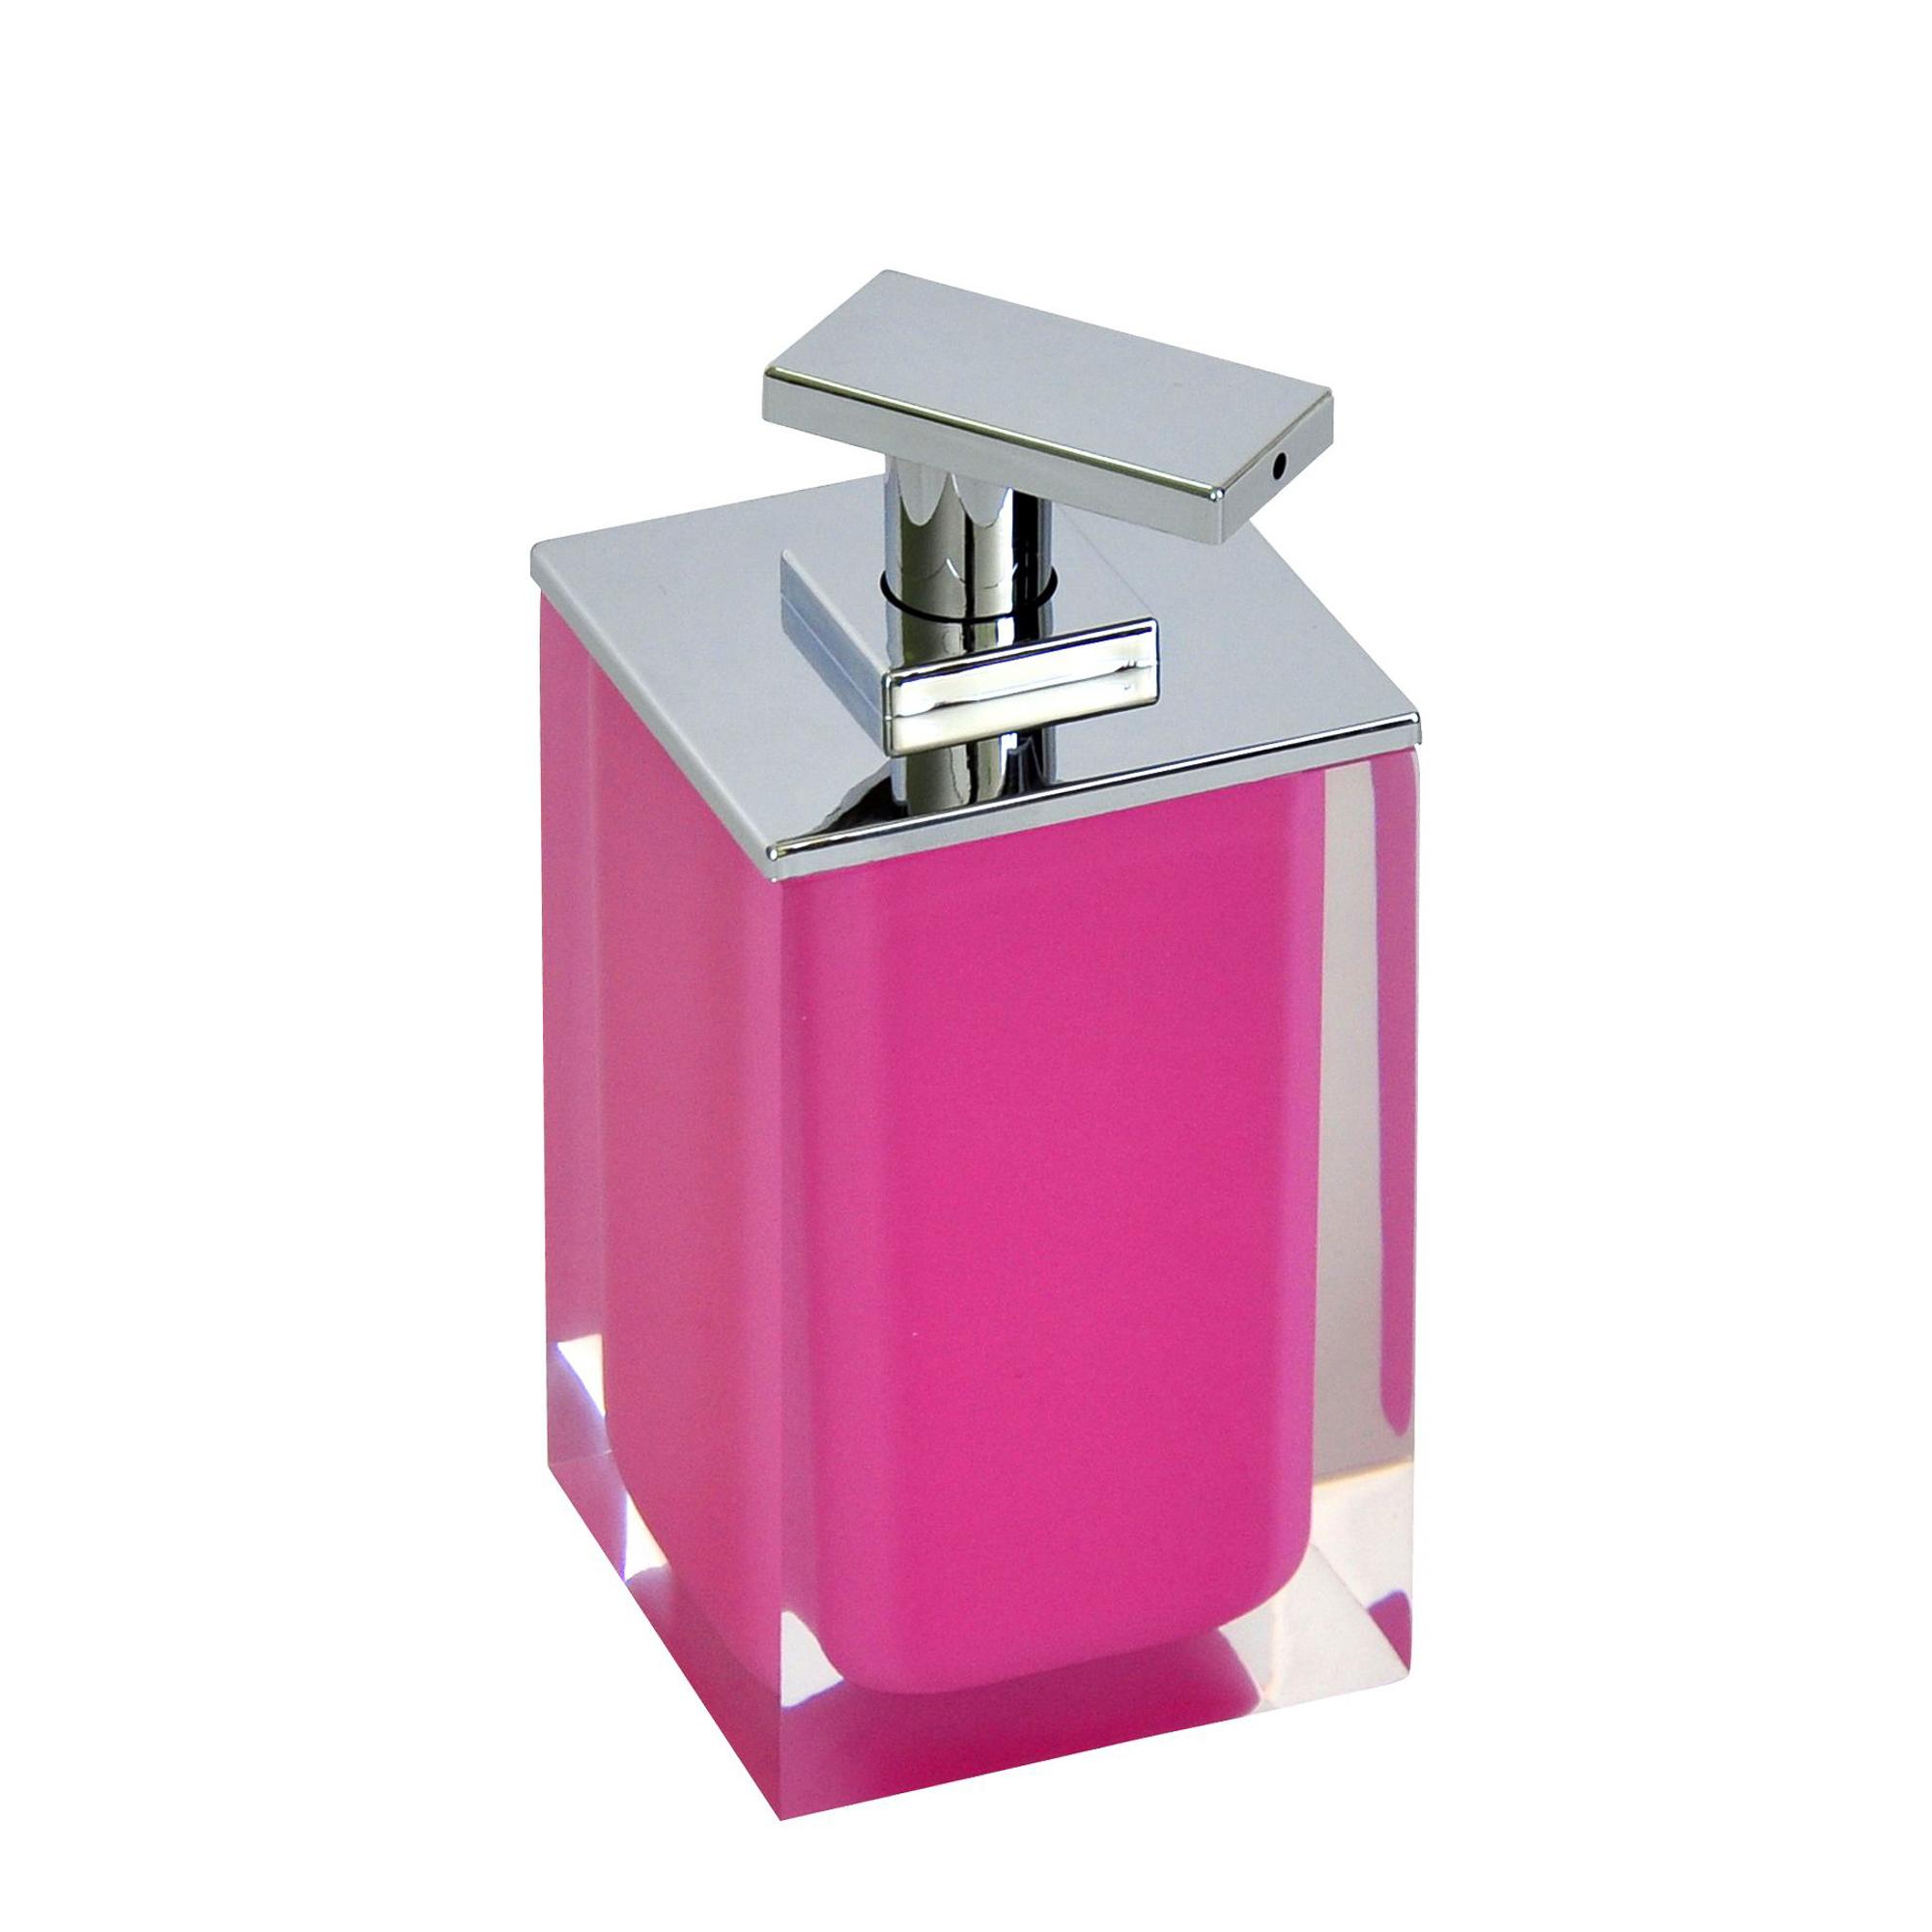 Дозатор для жидкого мыла Colours розовый Ridder ершик для унитаза ridder colours 22280402 розовый